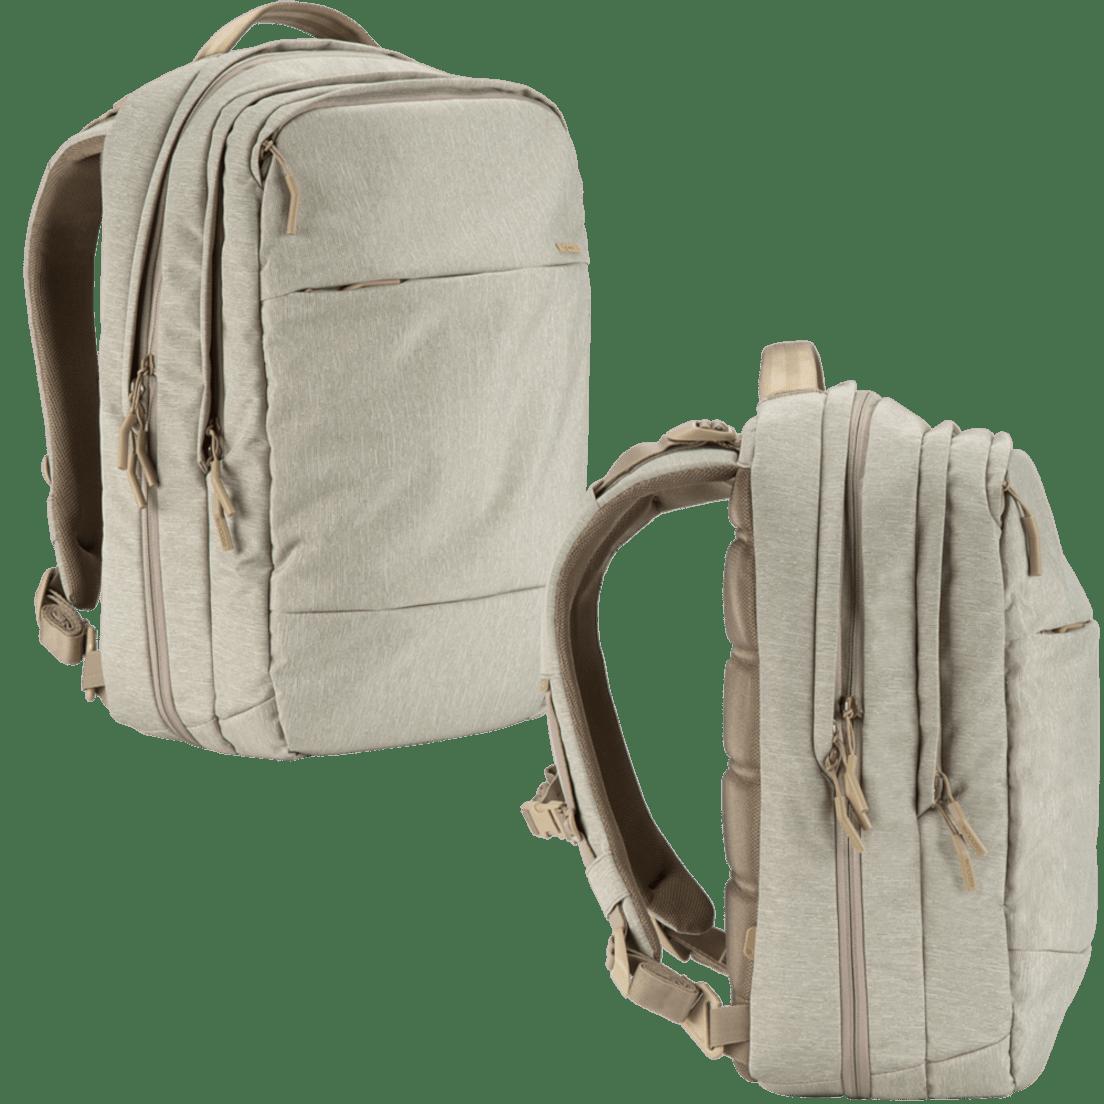 a9ce63d780b8 Incase City Commuter Backpack